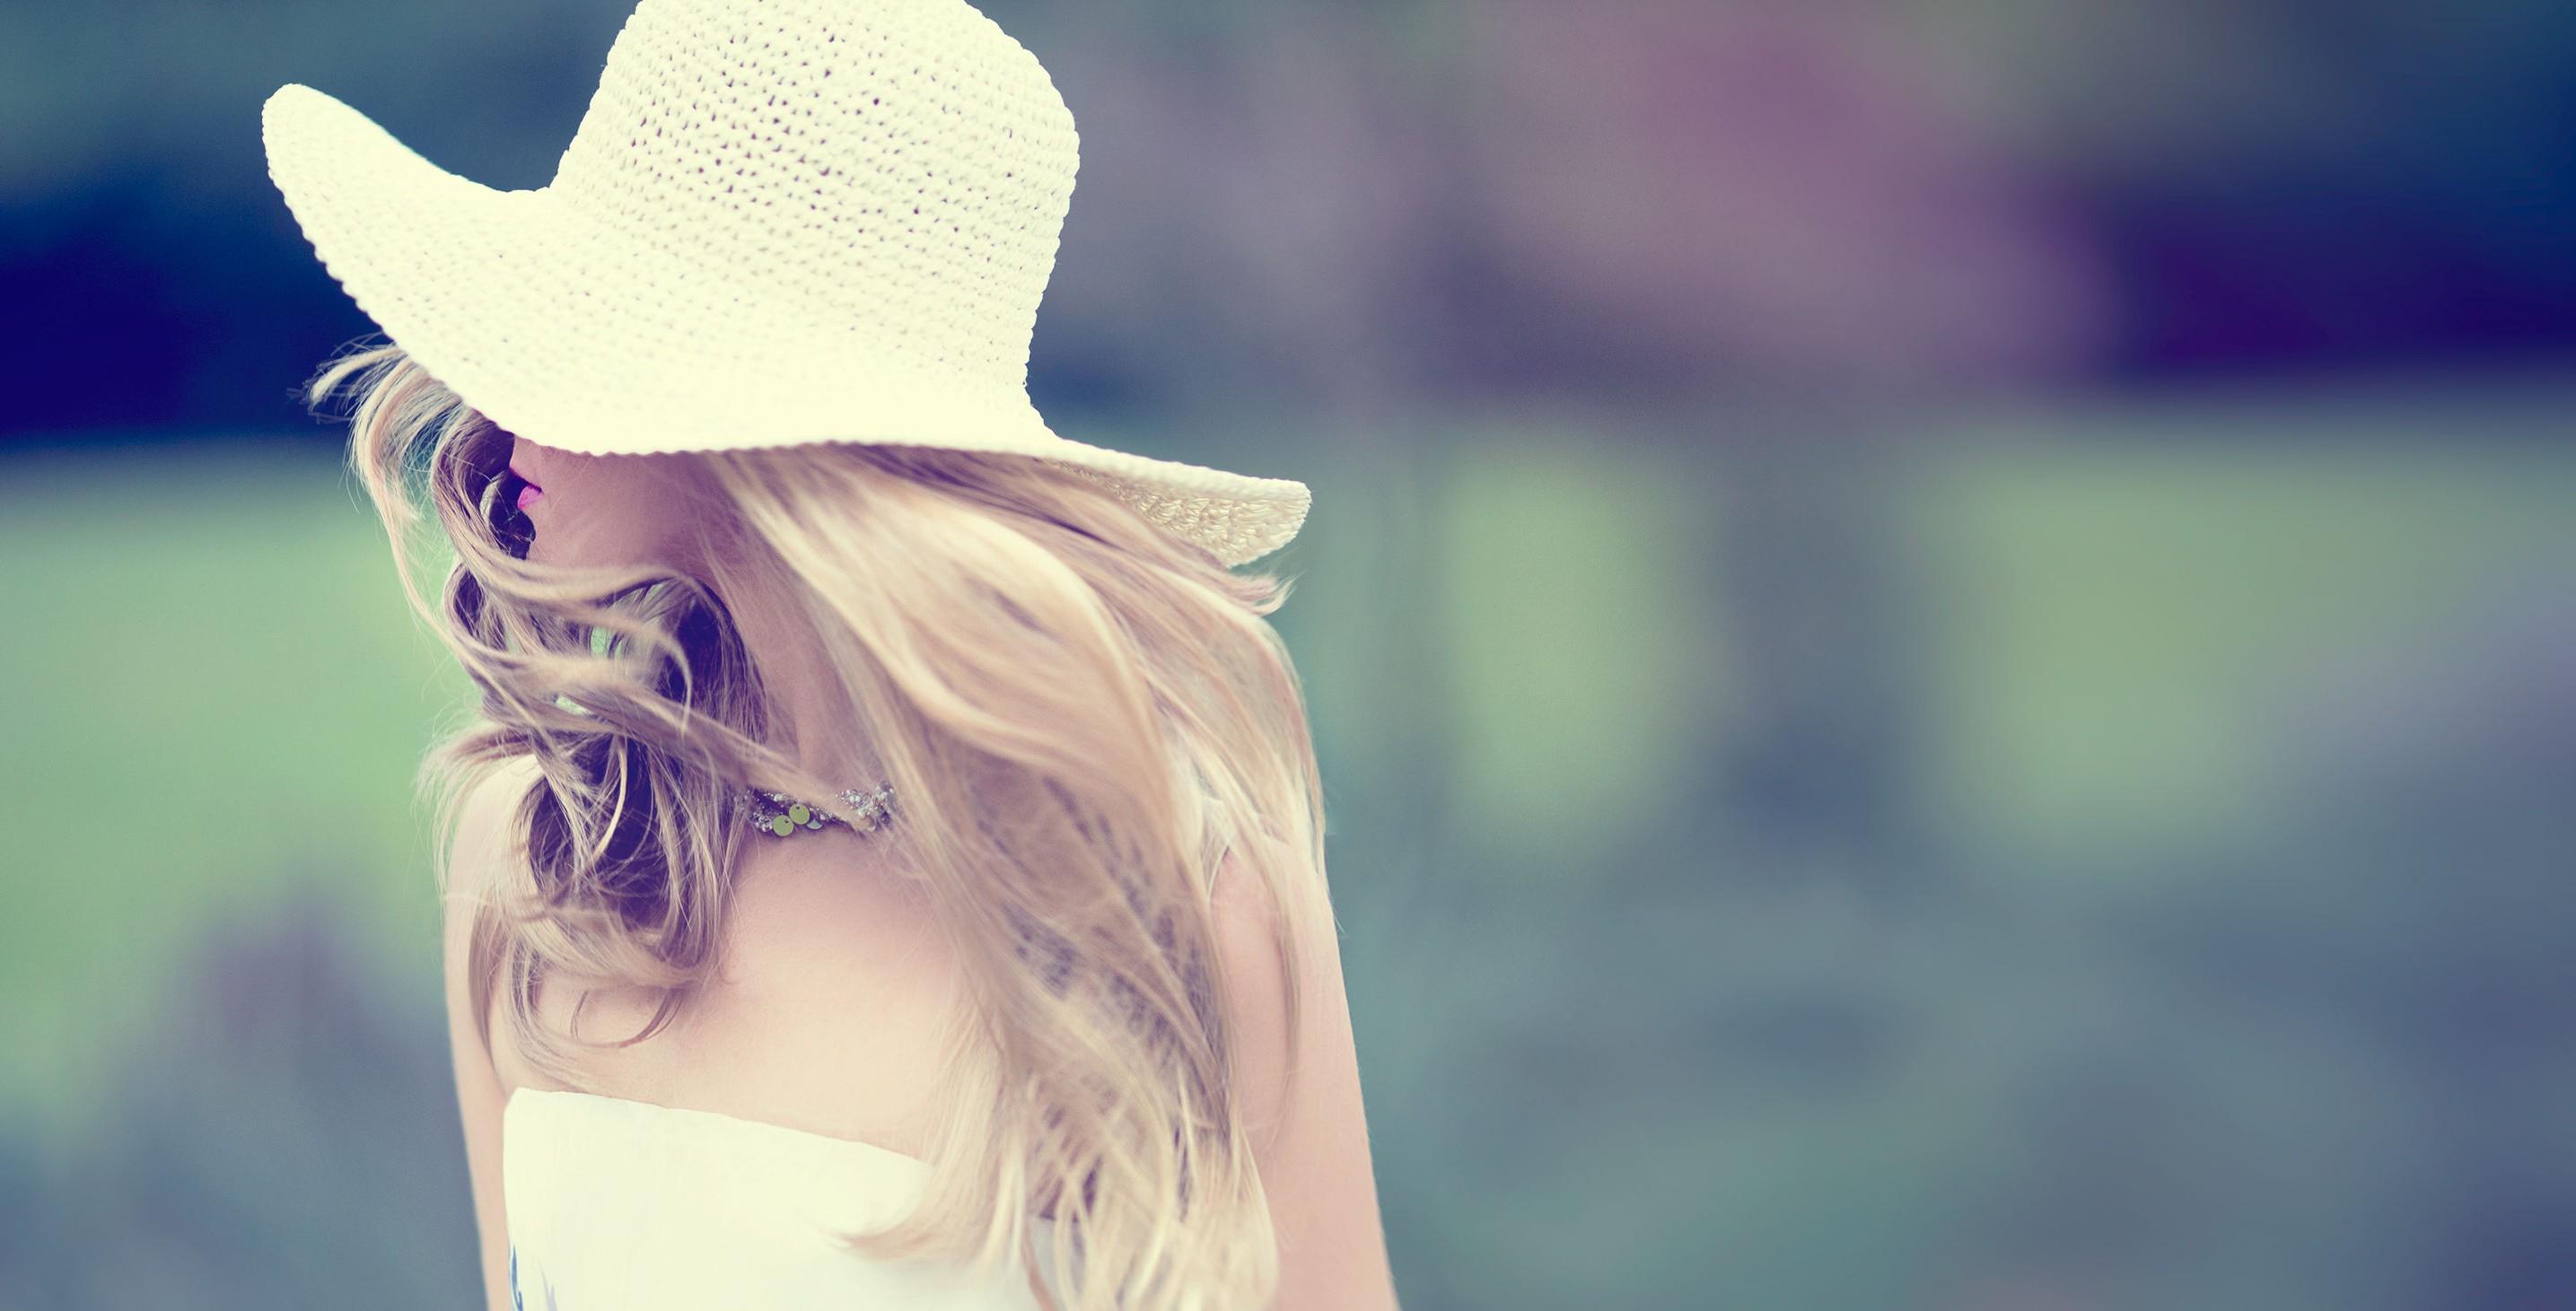 Comment porter le chapeau en été ?